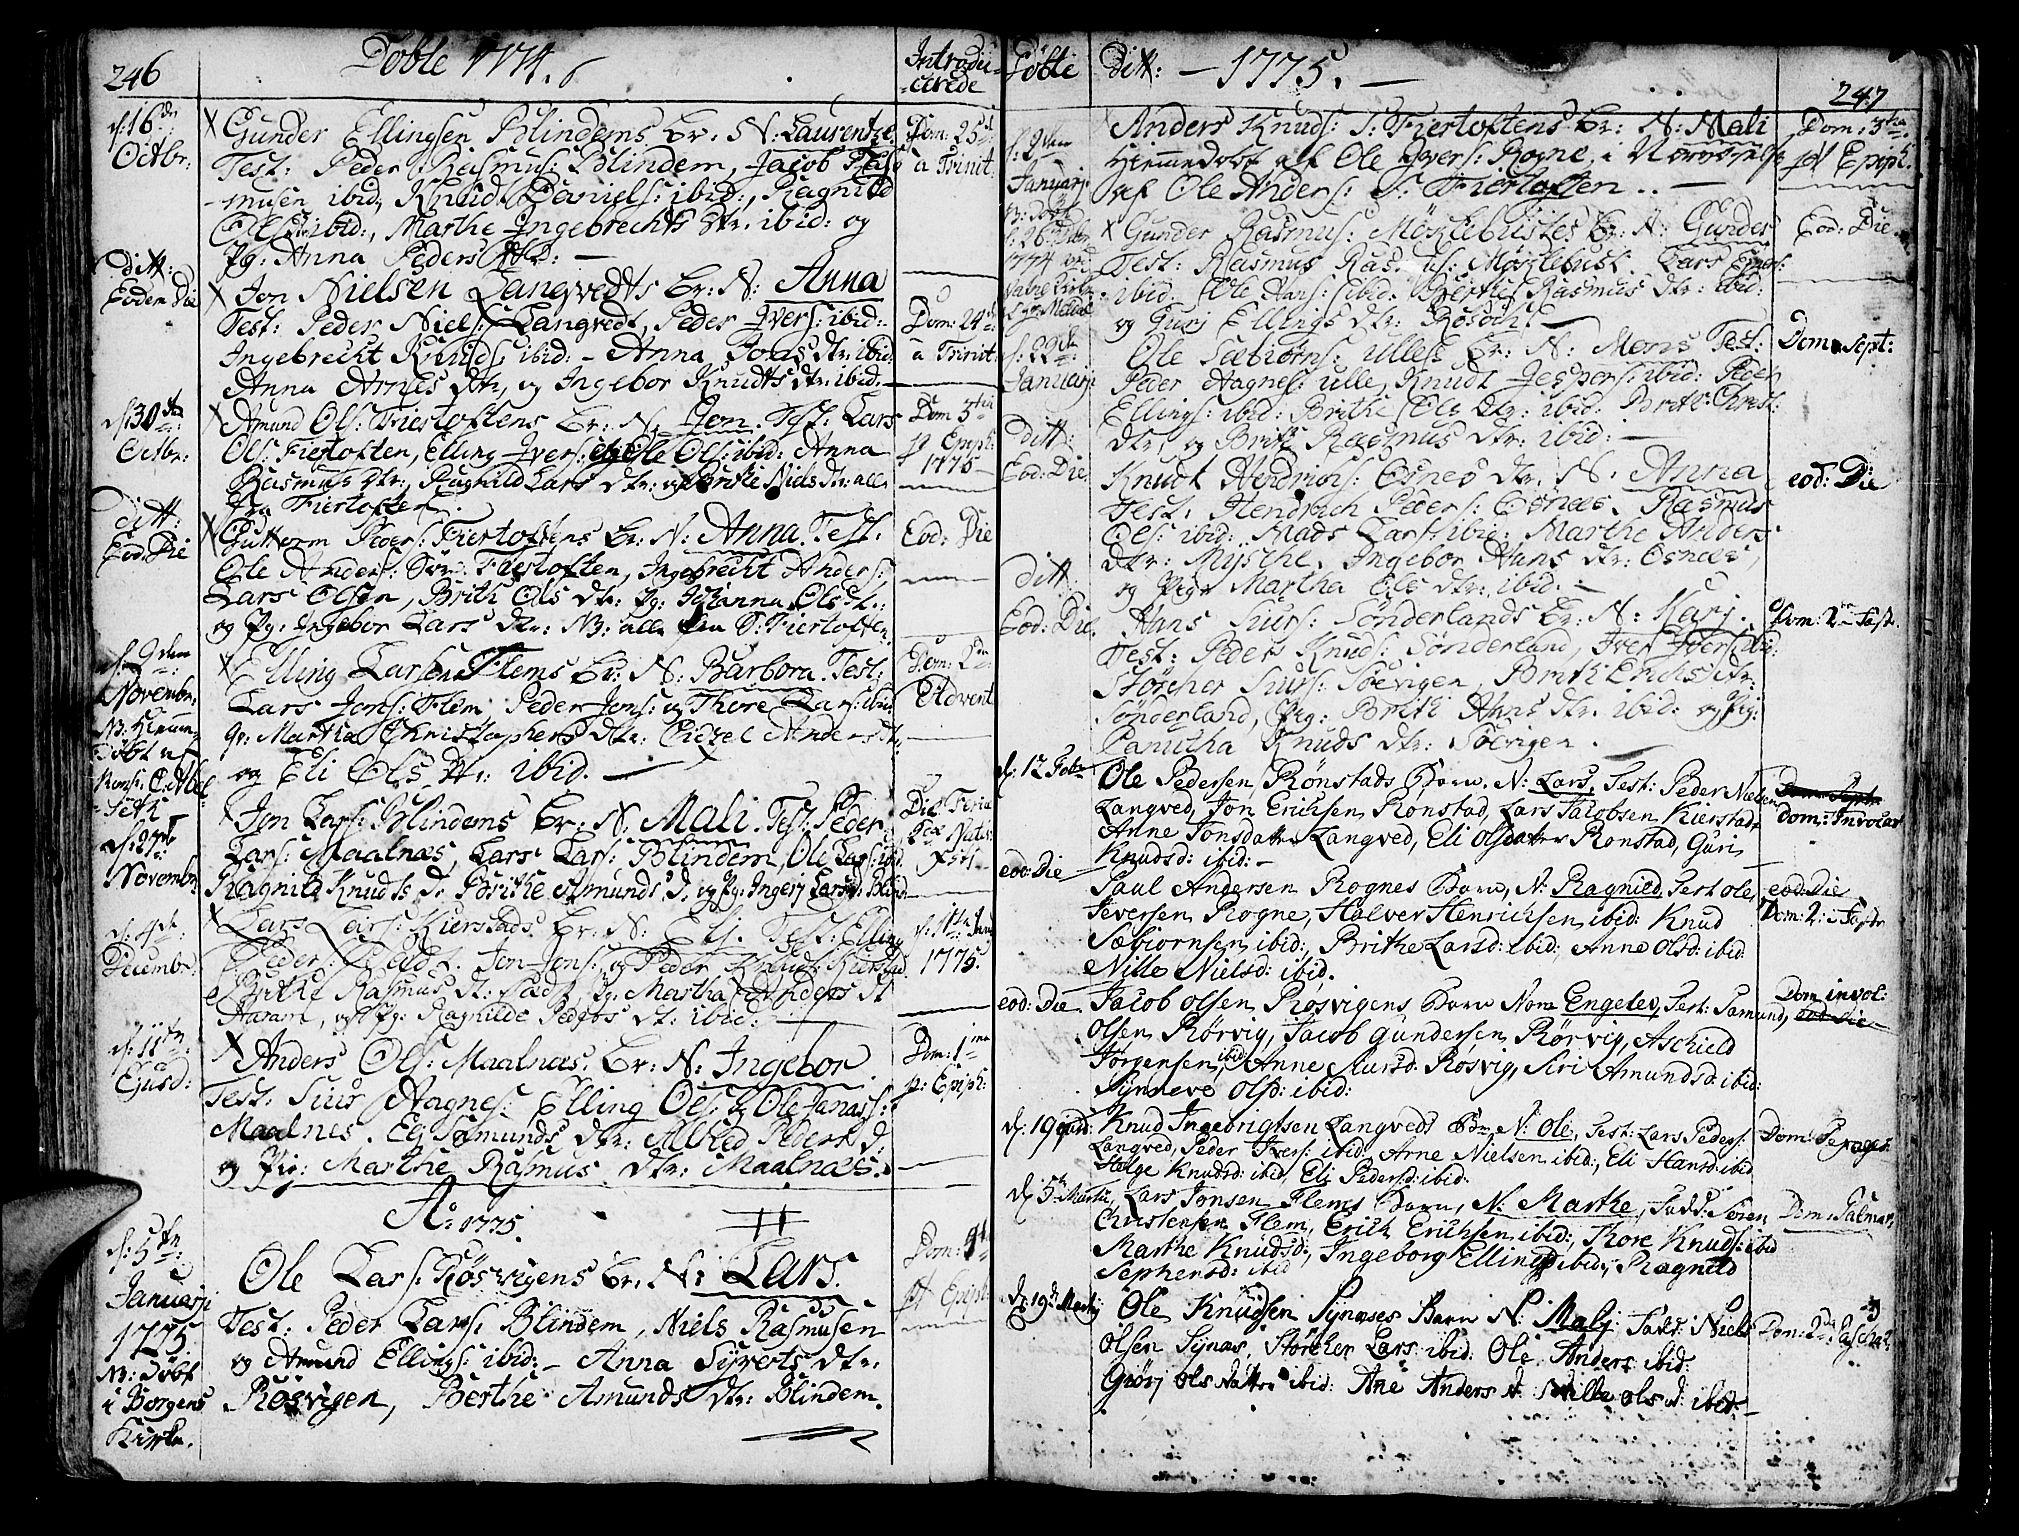 SAT, Ministerialprotokoller, klokkerbøker og fødselsregistre - Møre og Romsdal, 536/L0493: Ministerialbok nr. 536A02, 1739-1802, s. 246-247